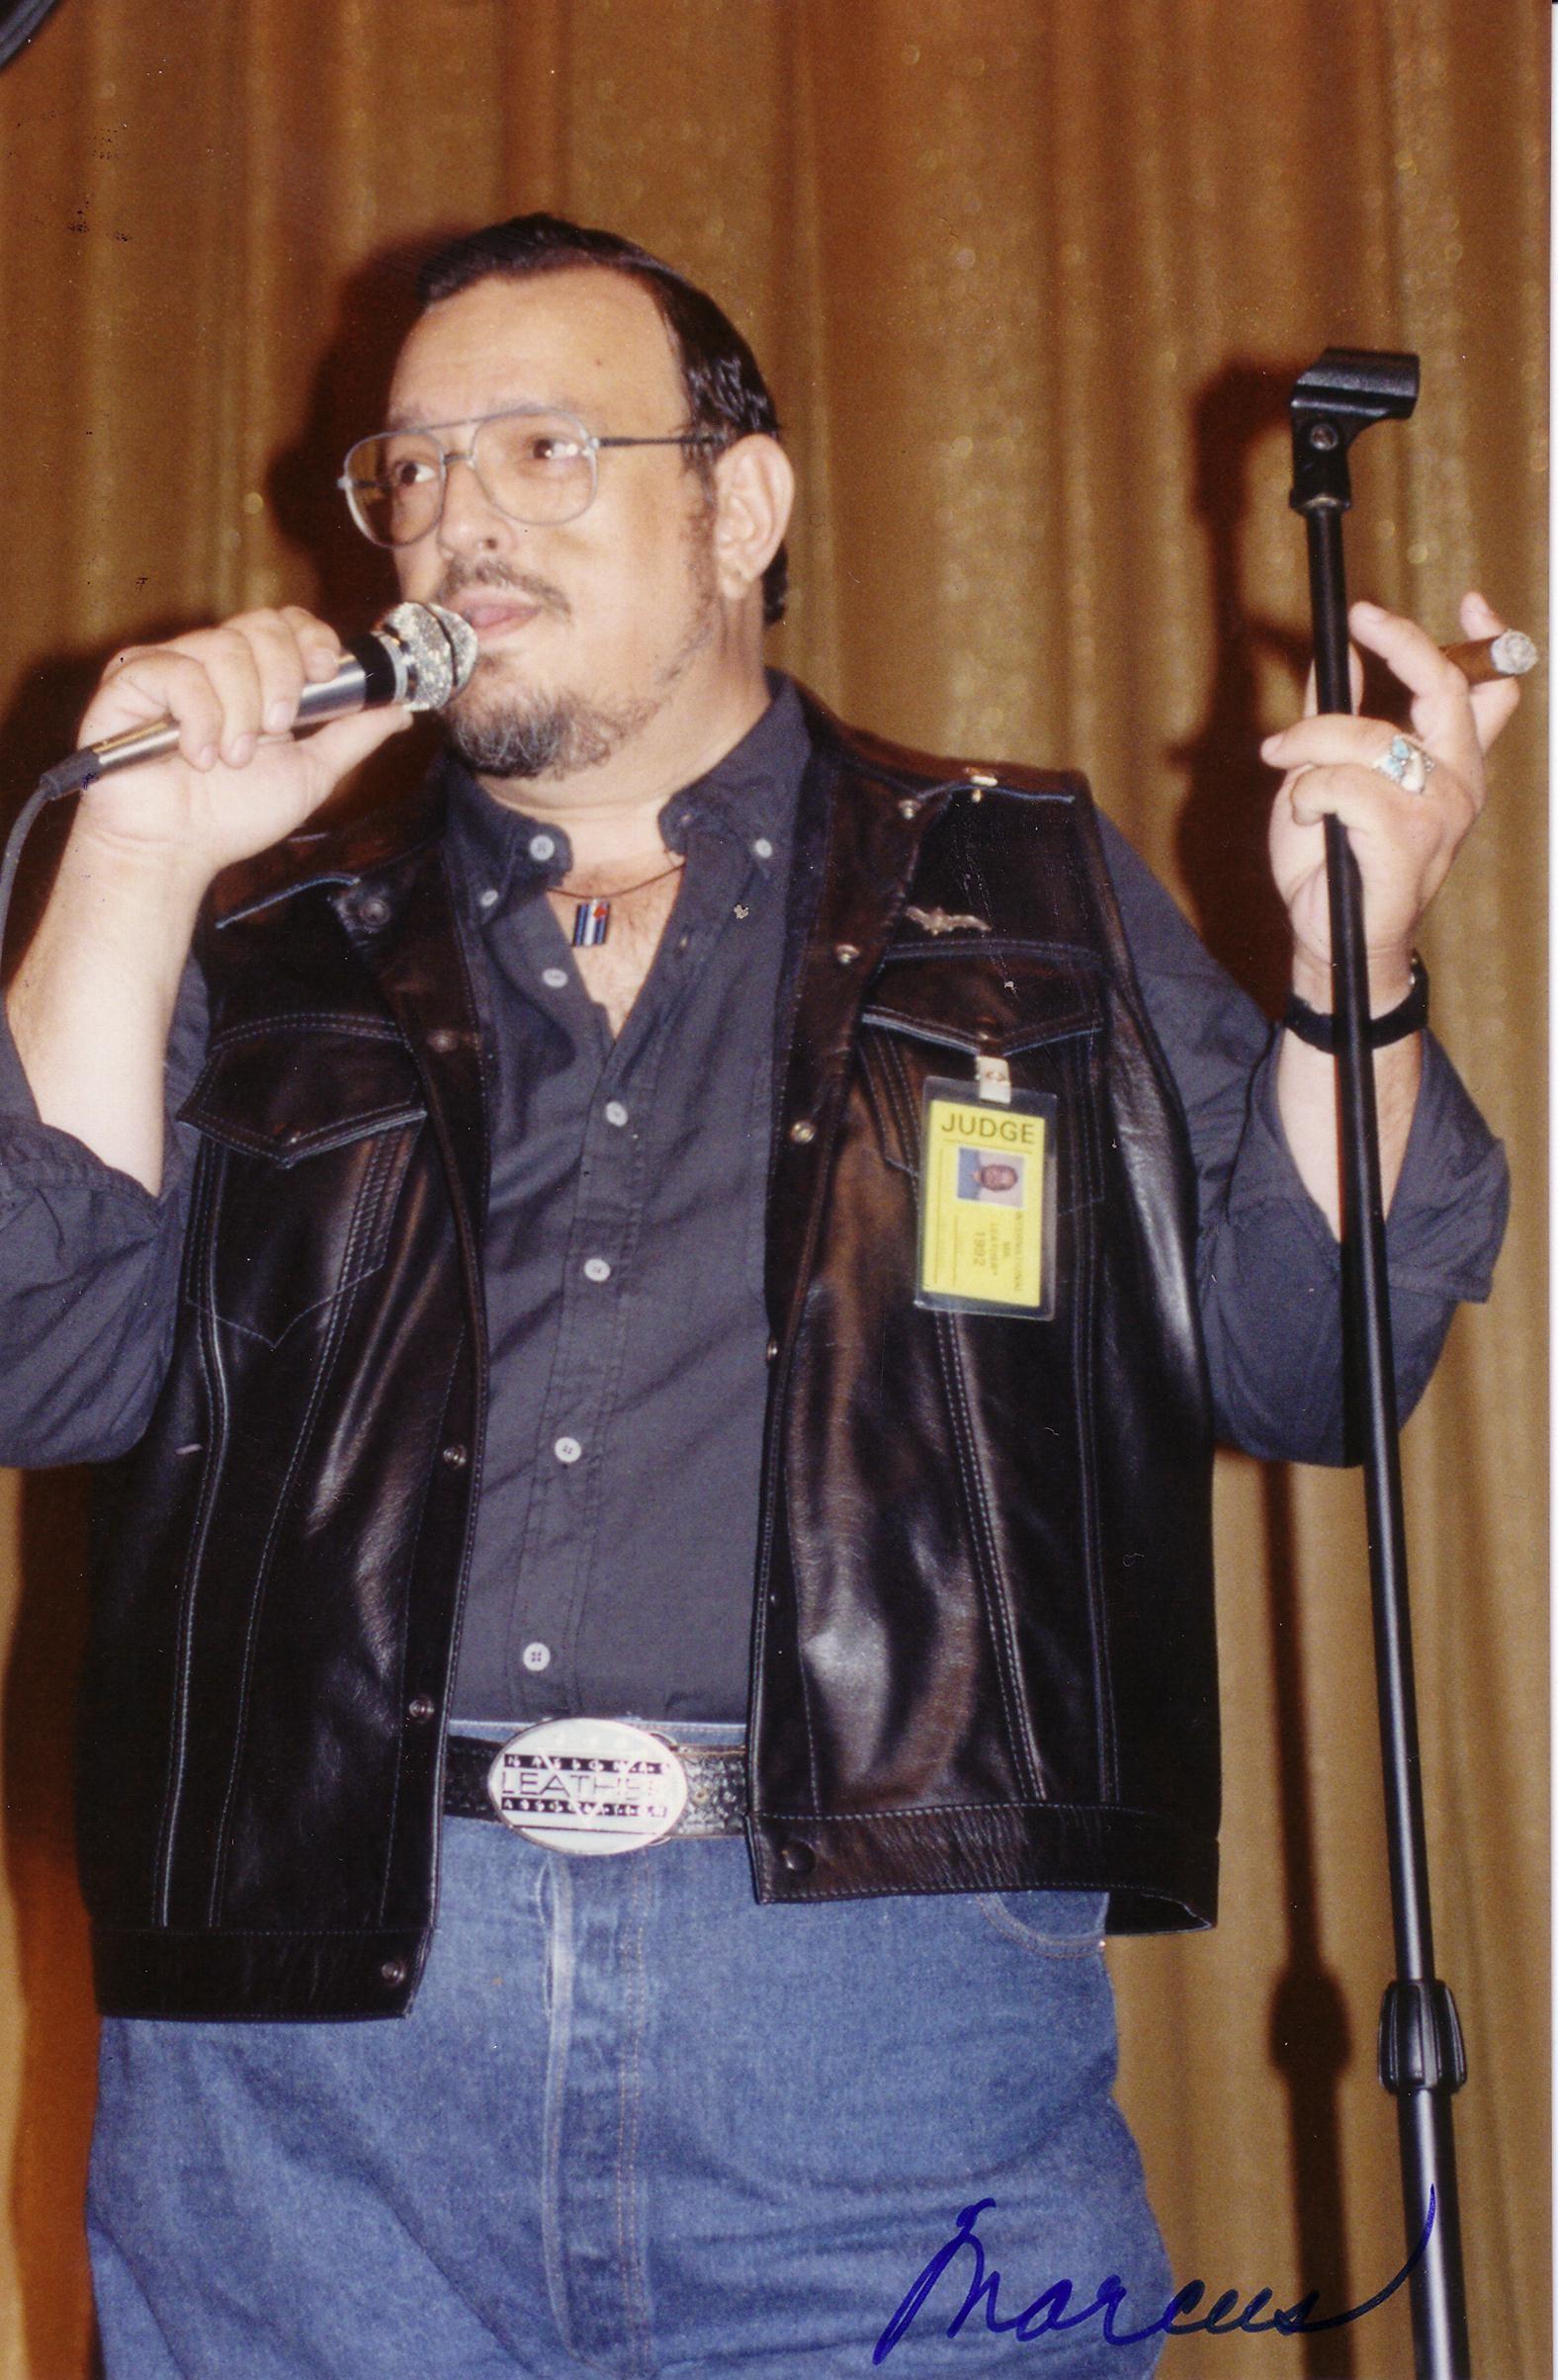 Tony DeBlase